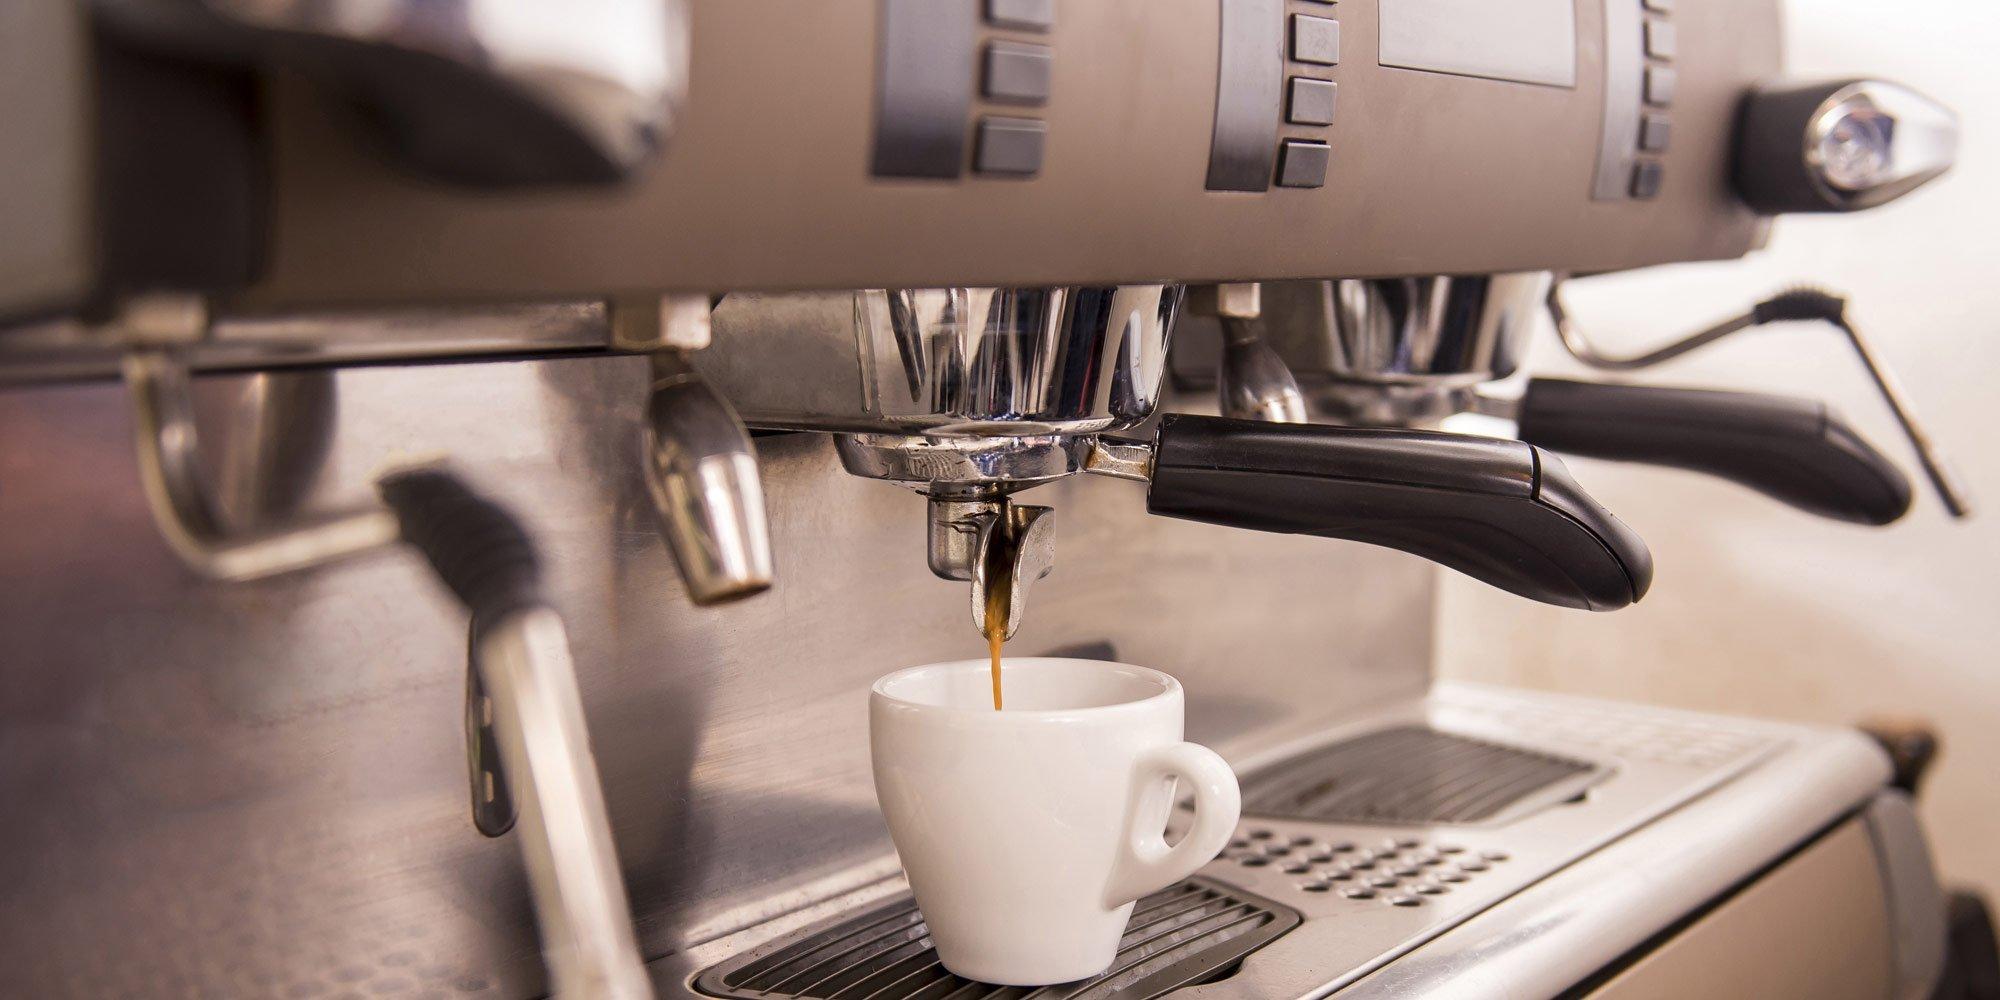 Il caffè sta sgorgando nella tazza dalla macchina da caffè ad Agrigento